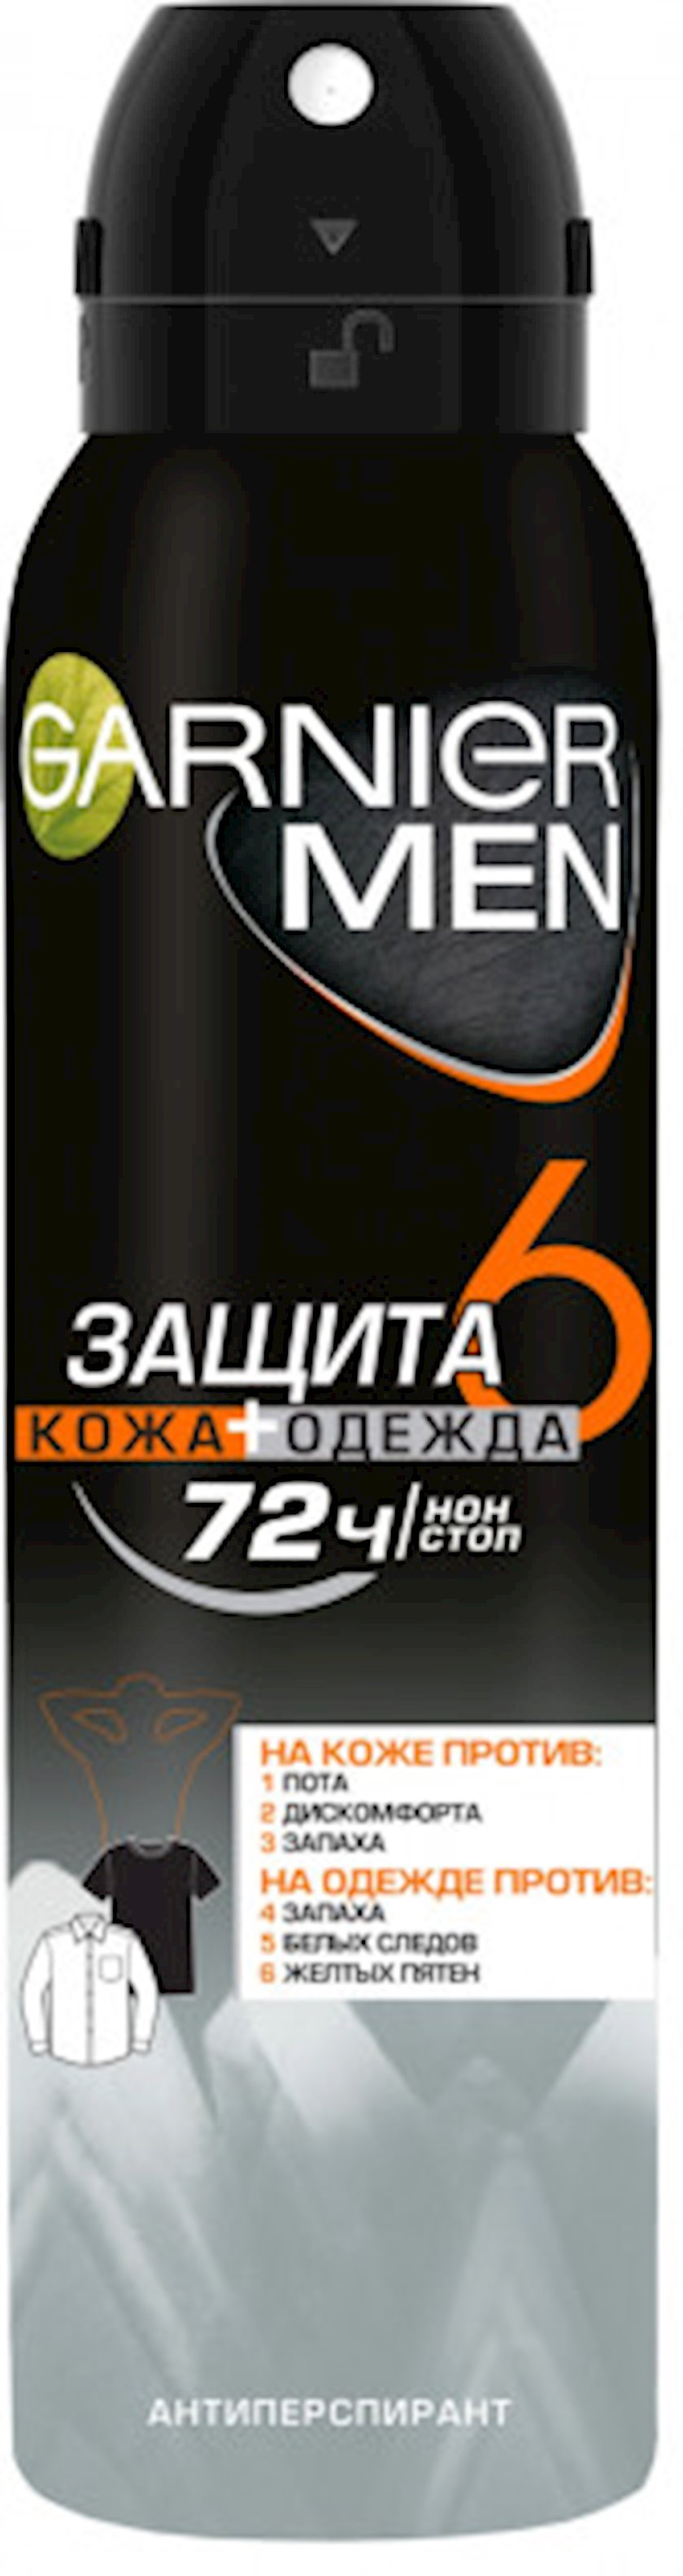 Antiperspirant Garnier Men Mineral Müdafiə 6, 150 ml